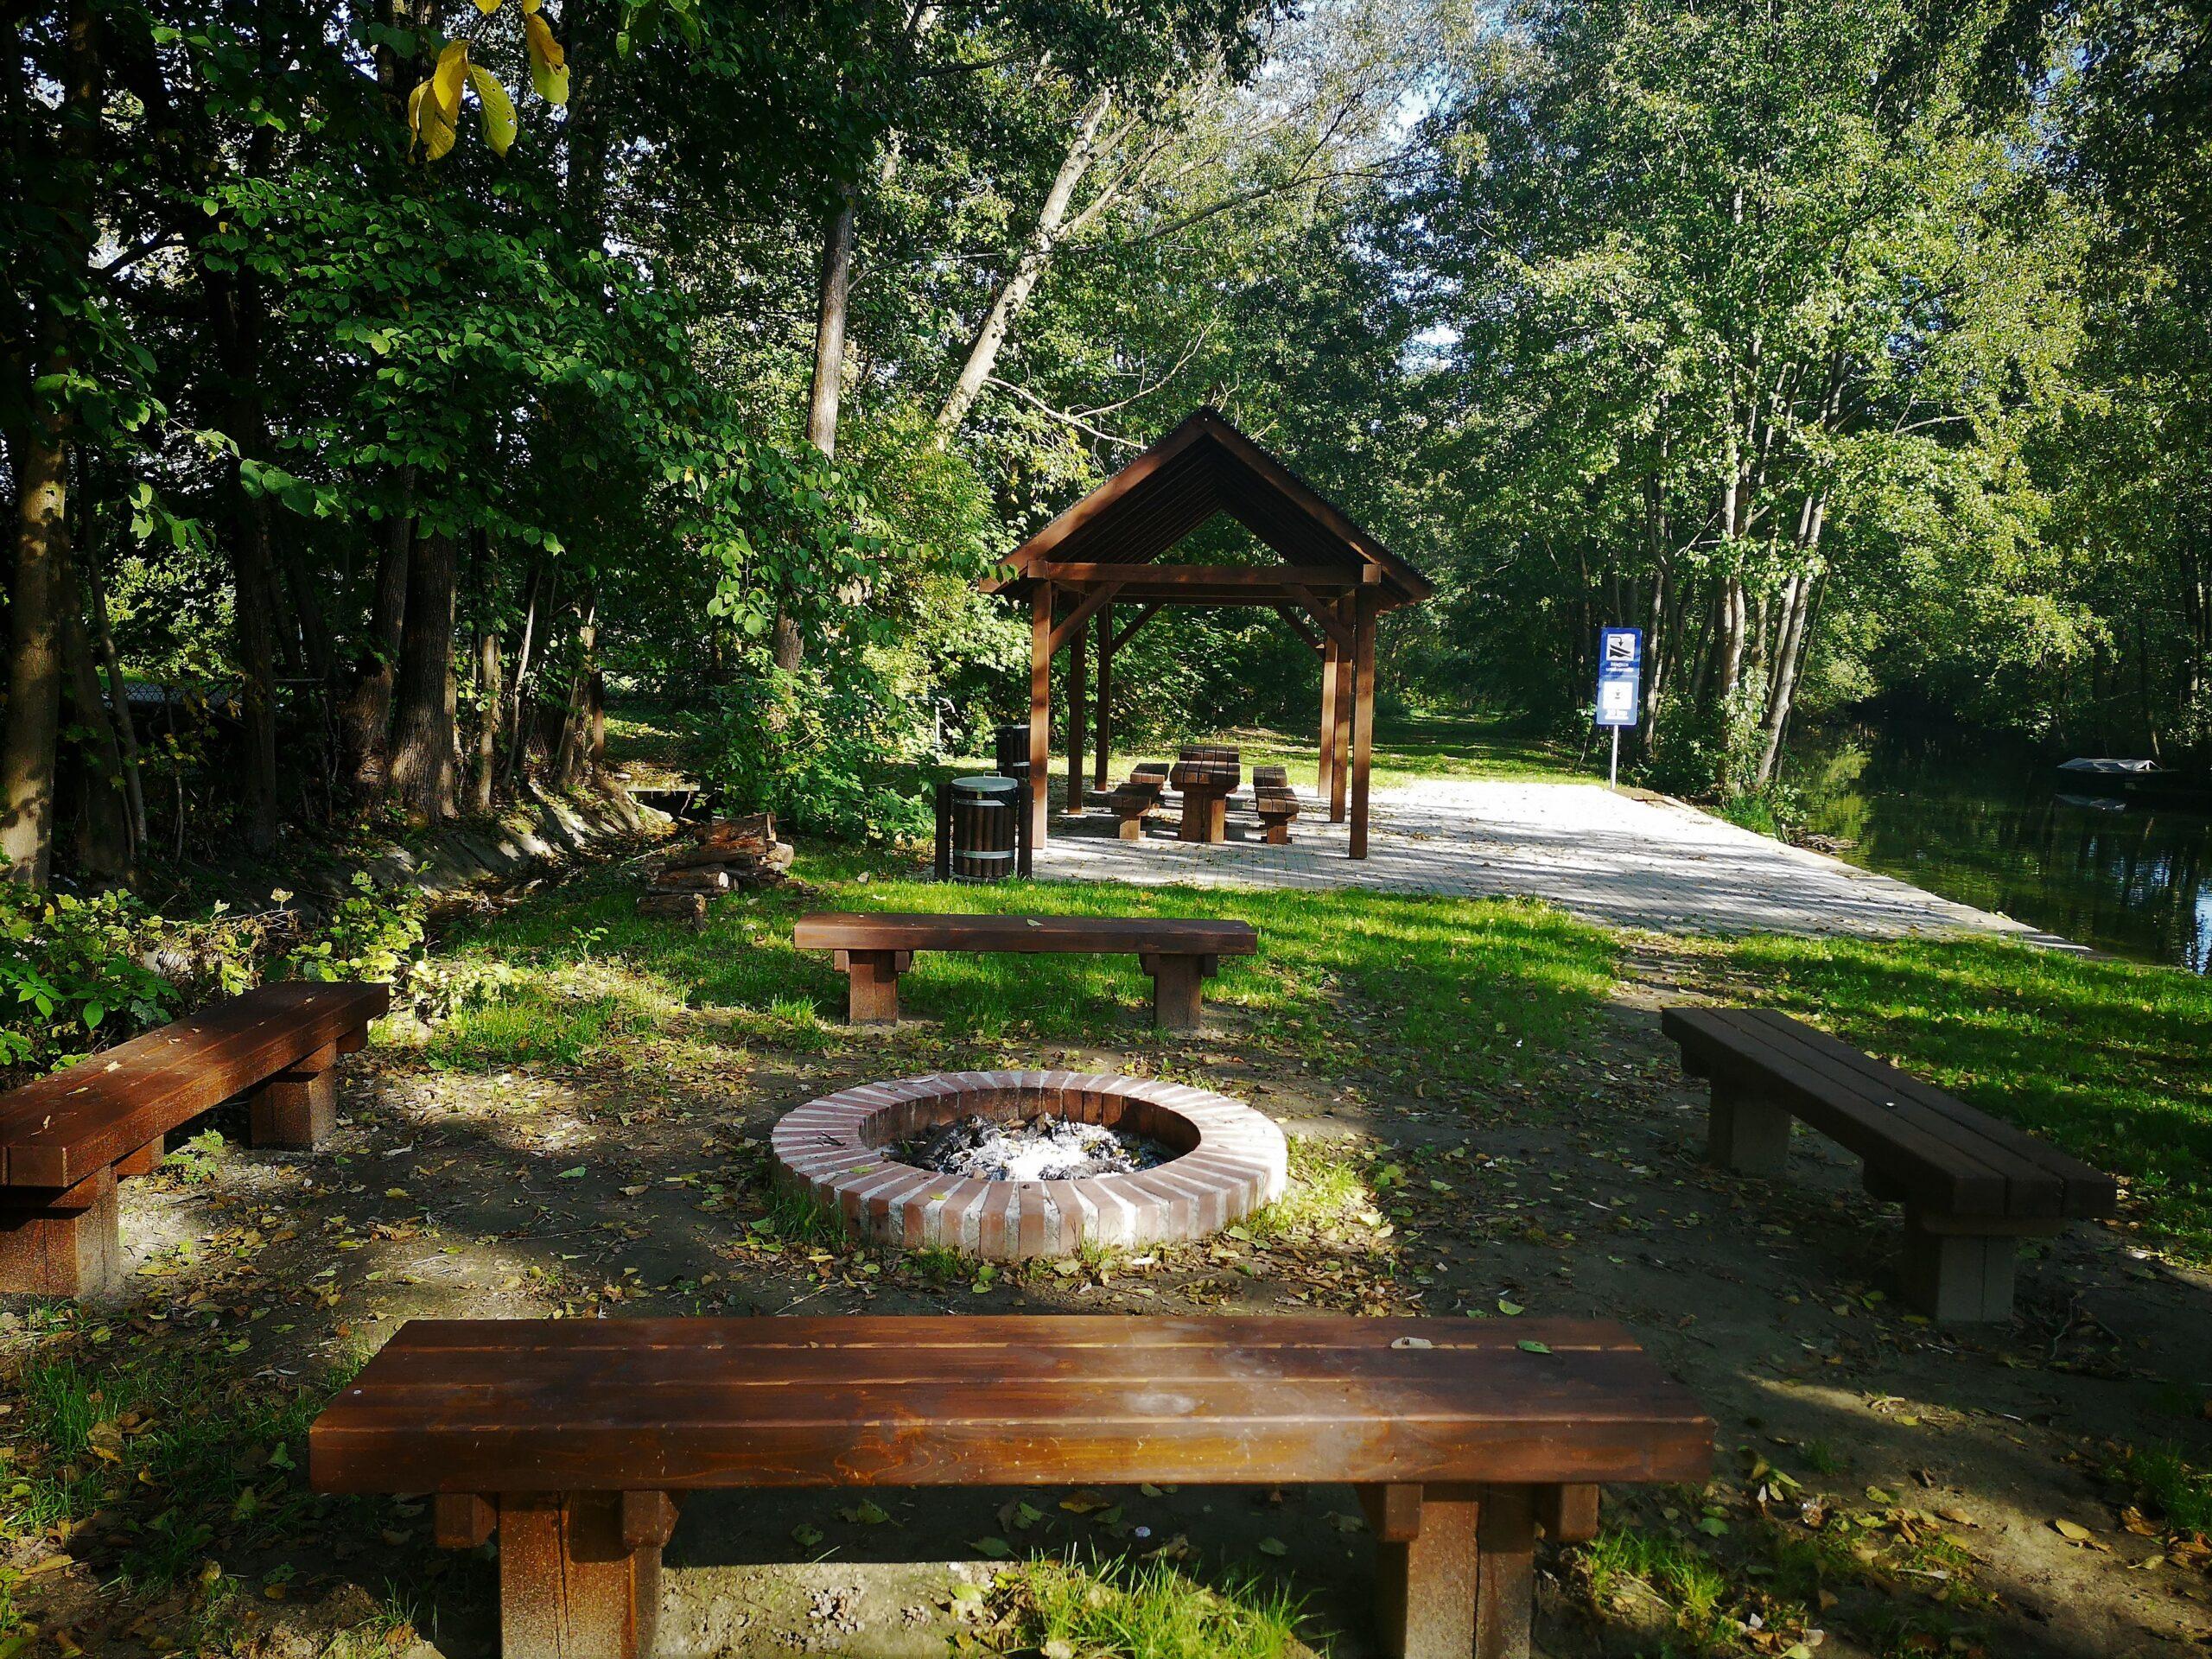 Przenoska przy jeziorze Chmielonko oraz przystanek kajakowy